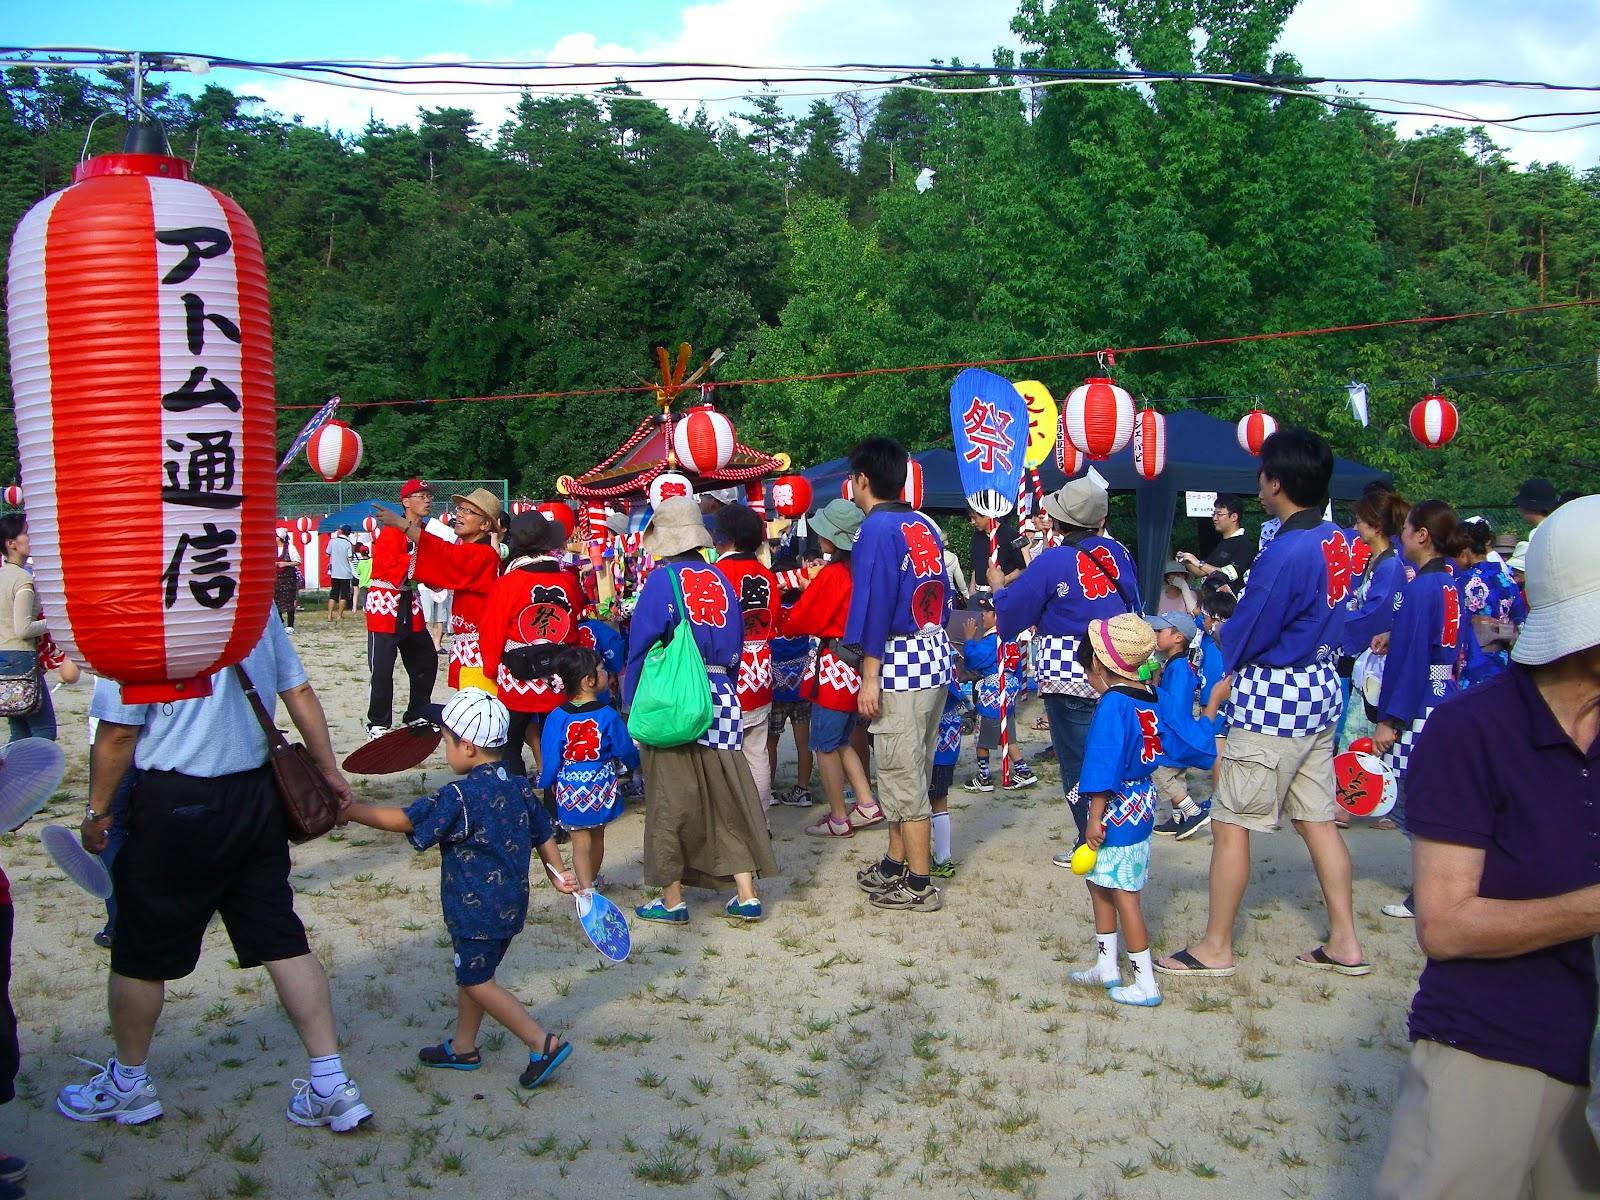 子供みこし 8月4日(土)五月台の夏祭りでした、倉庫に保管されていた みこし は飾りつけも新たに、大勢の可愛い子供たちが揃いのはっぴ姿で綱を引き、町内を笛太鼓で練り歩きまし  ...